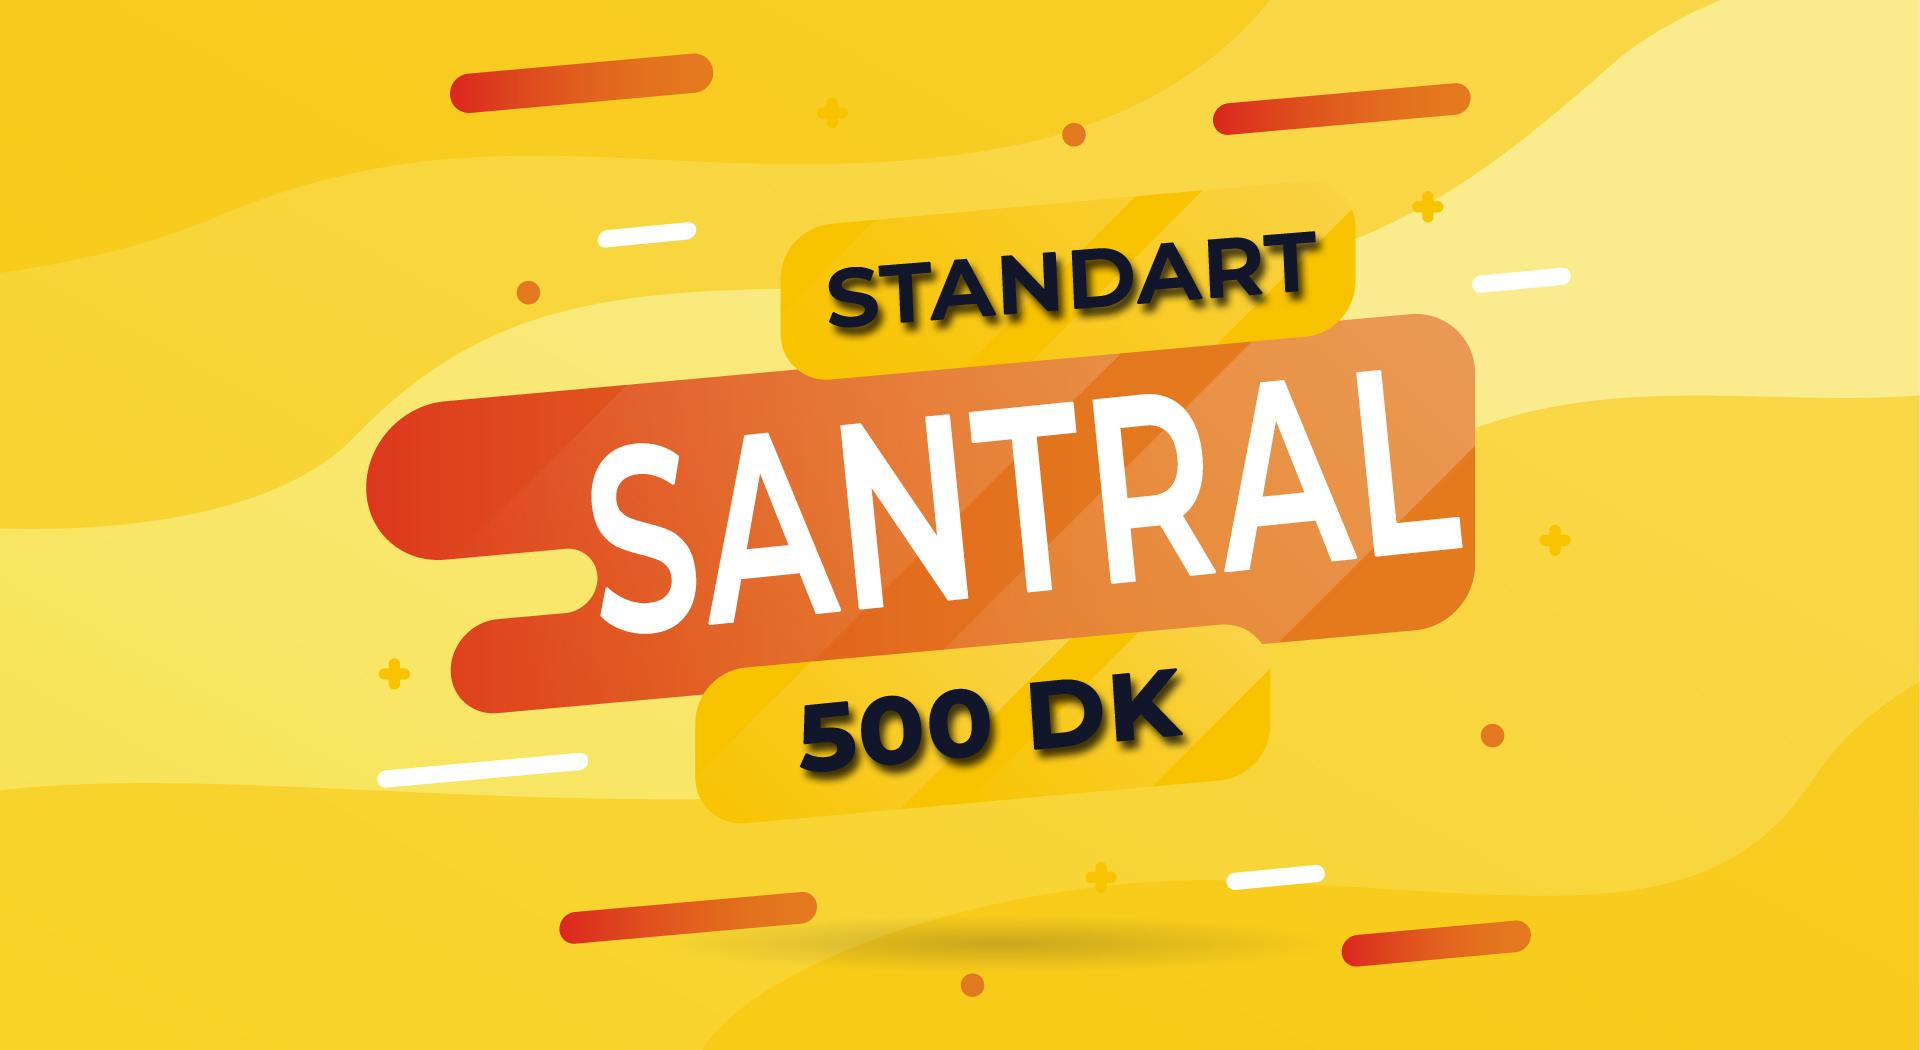 Standart Santral + Her Yöne 500 DK